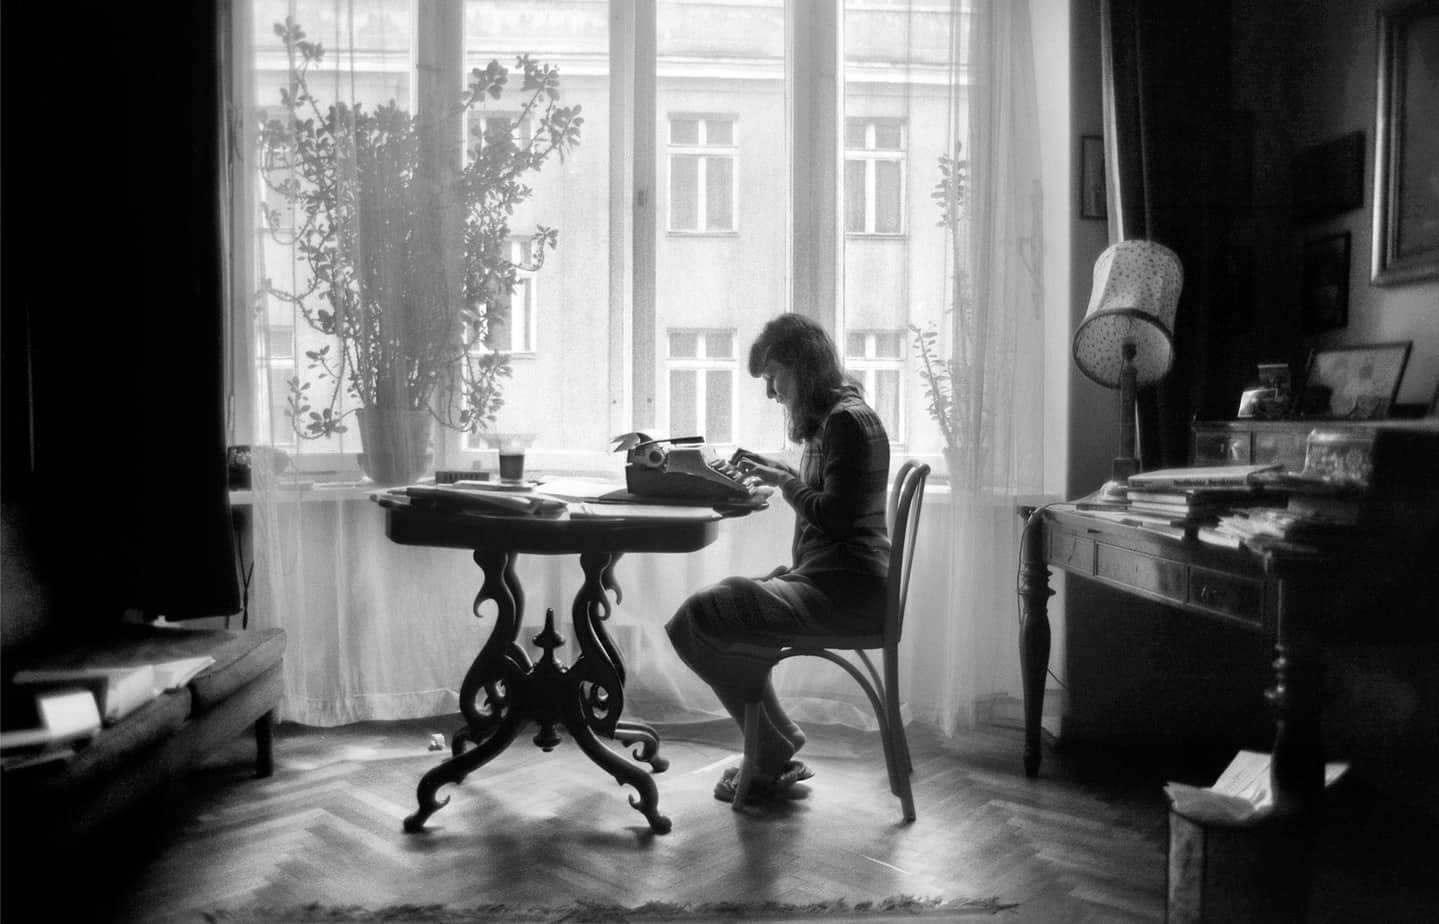 Koncert z okazji pięćdziesiątej rocznicy śmierci Karola Kuryluka  i setnej rocznicy urodzin Marii Kuryluk z udziałem Ewy Kuryluk